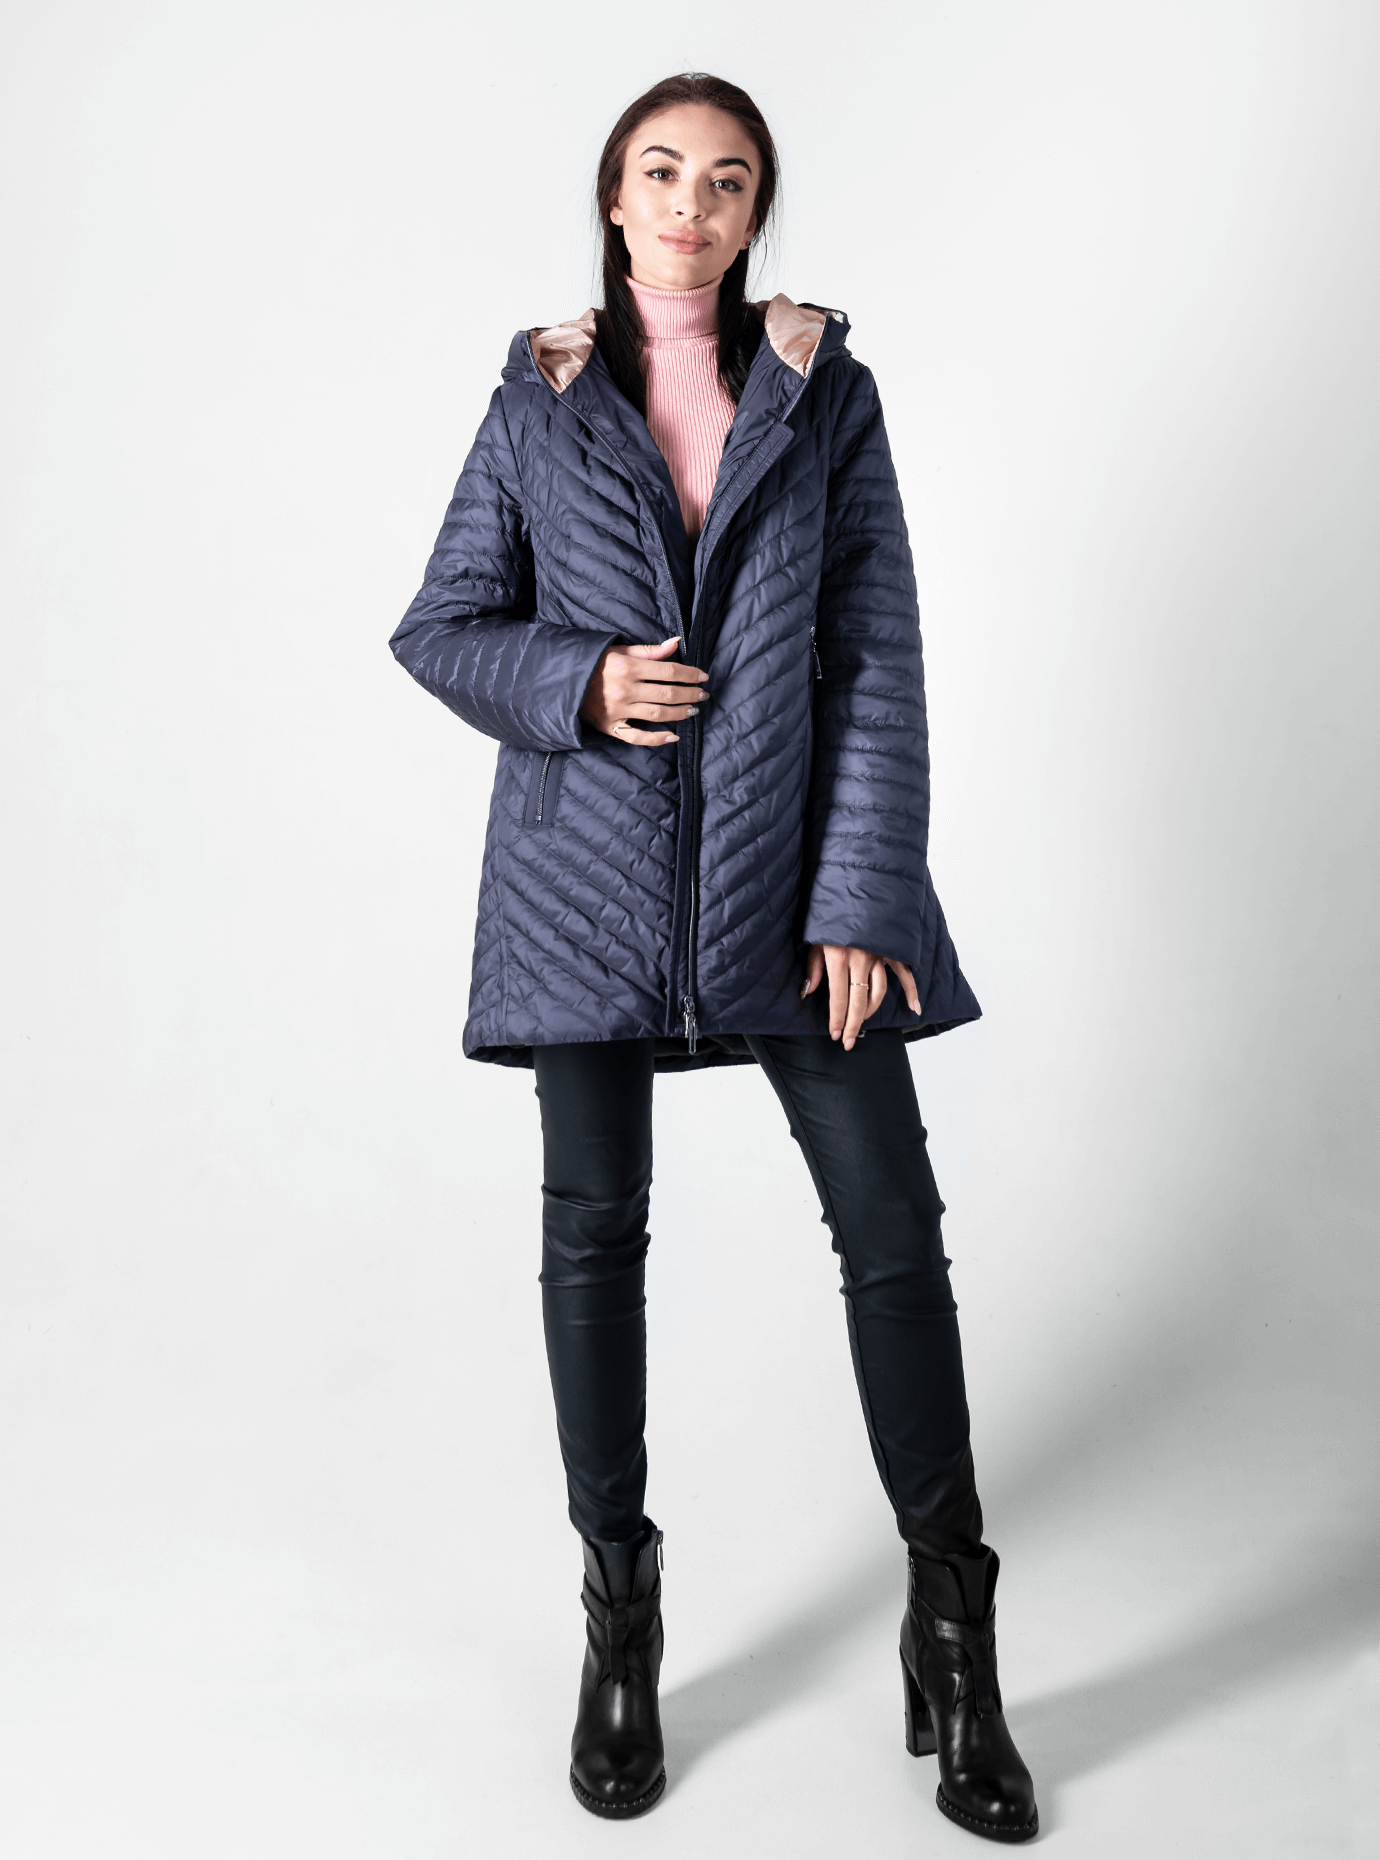 Куртка демисезонная женская с капюшоном Графитовый 56 (02-D190143): фото - Alster.ua